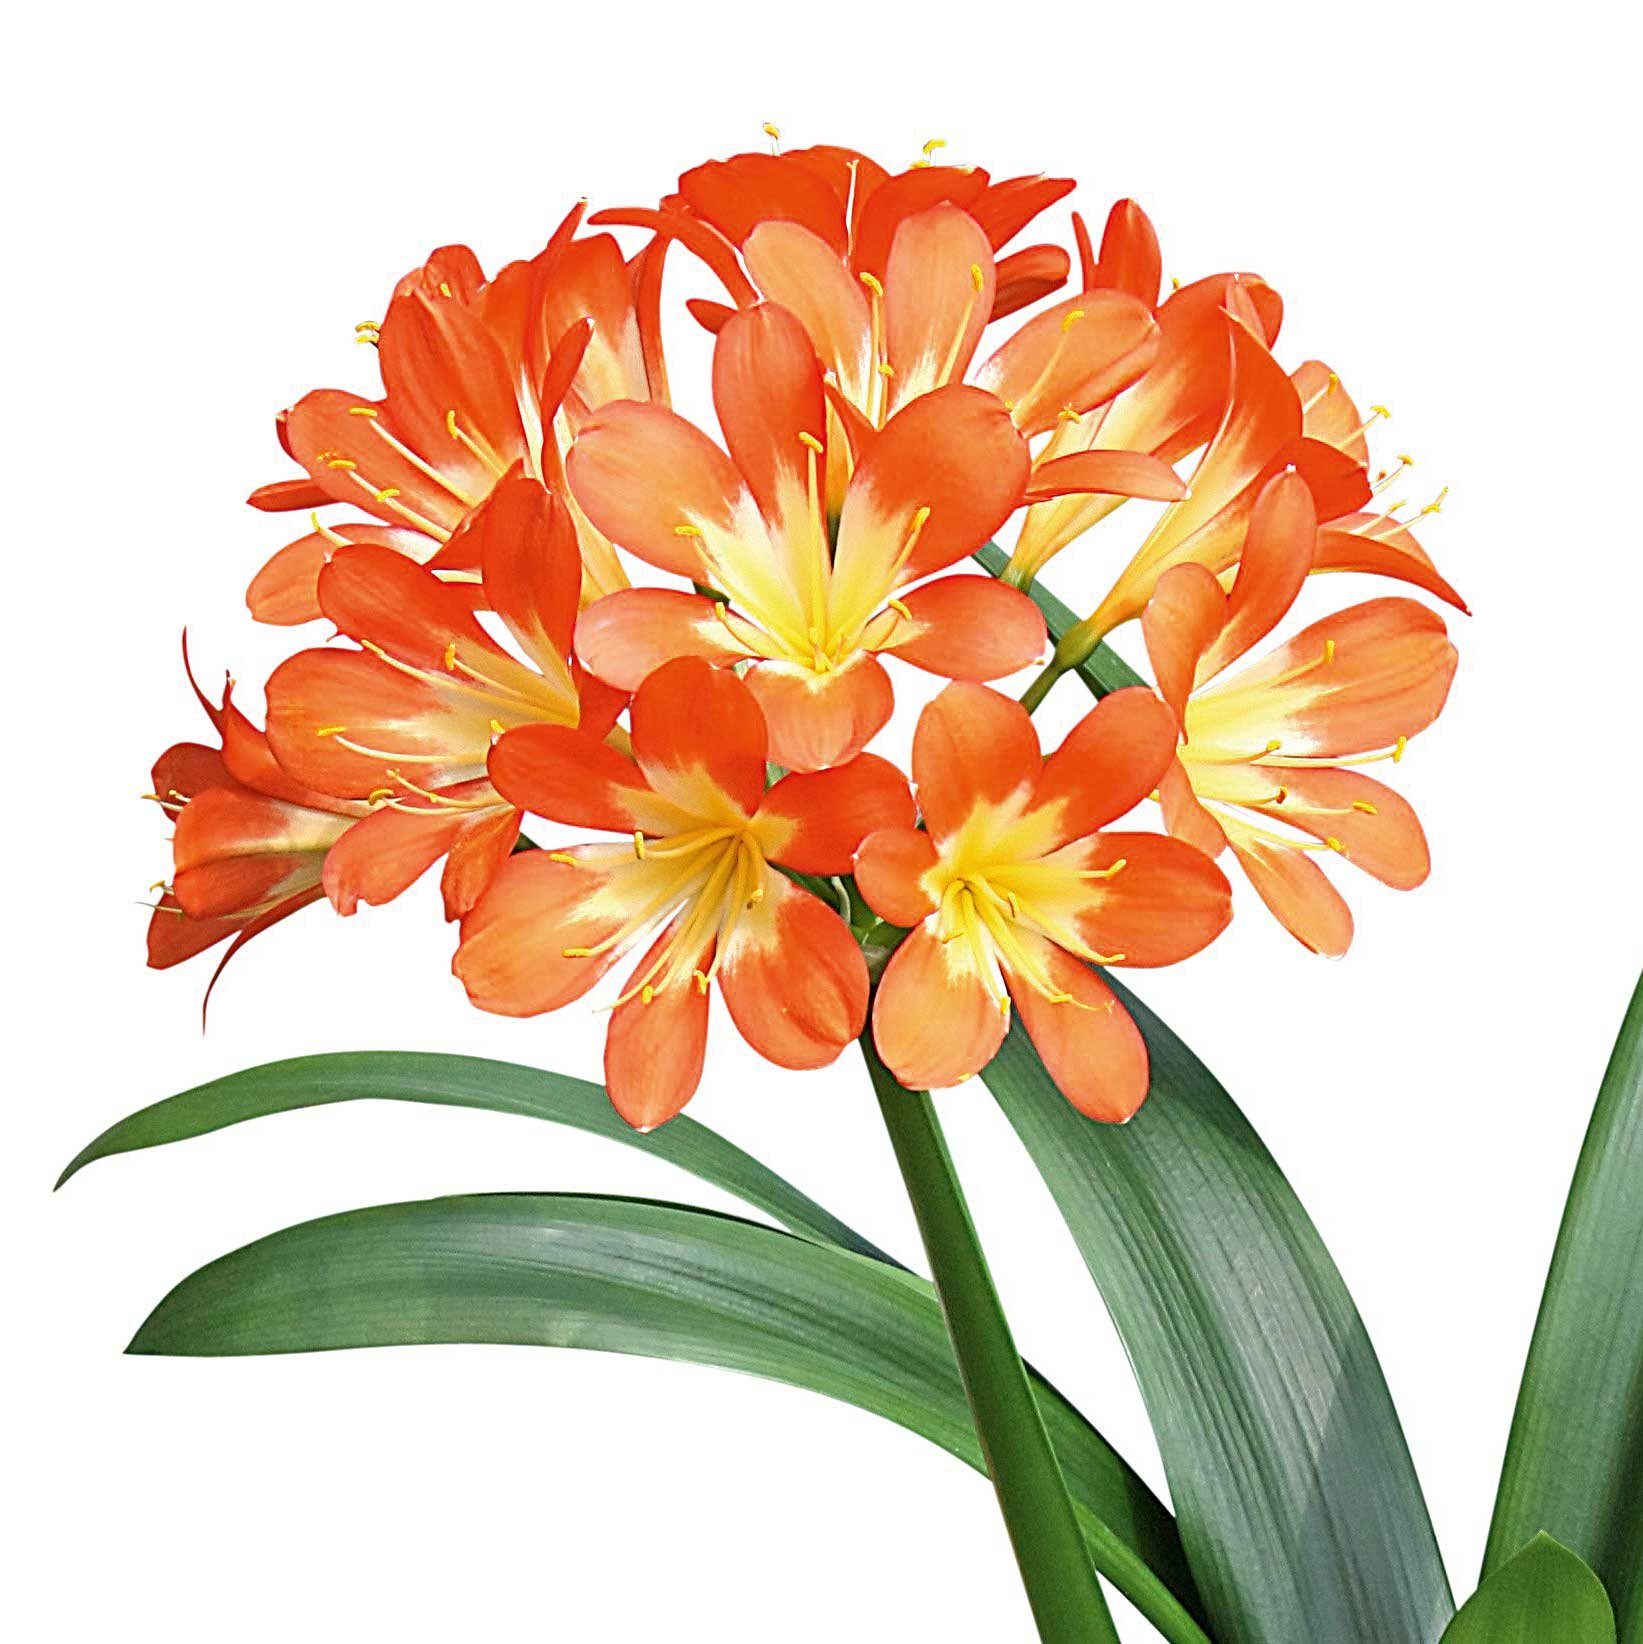 Piante Adatte Al Sole Diretto gloriosa, amaryllis, clivia: piante fiorite in casa in